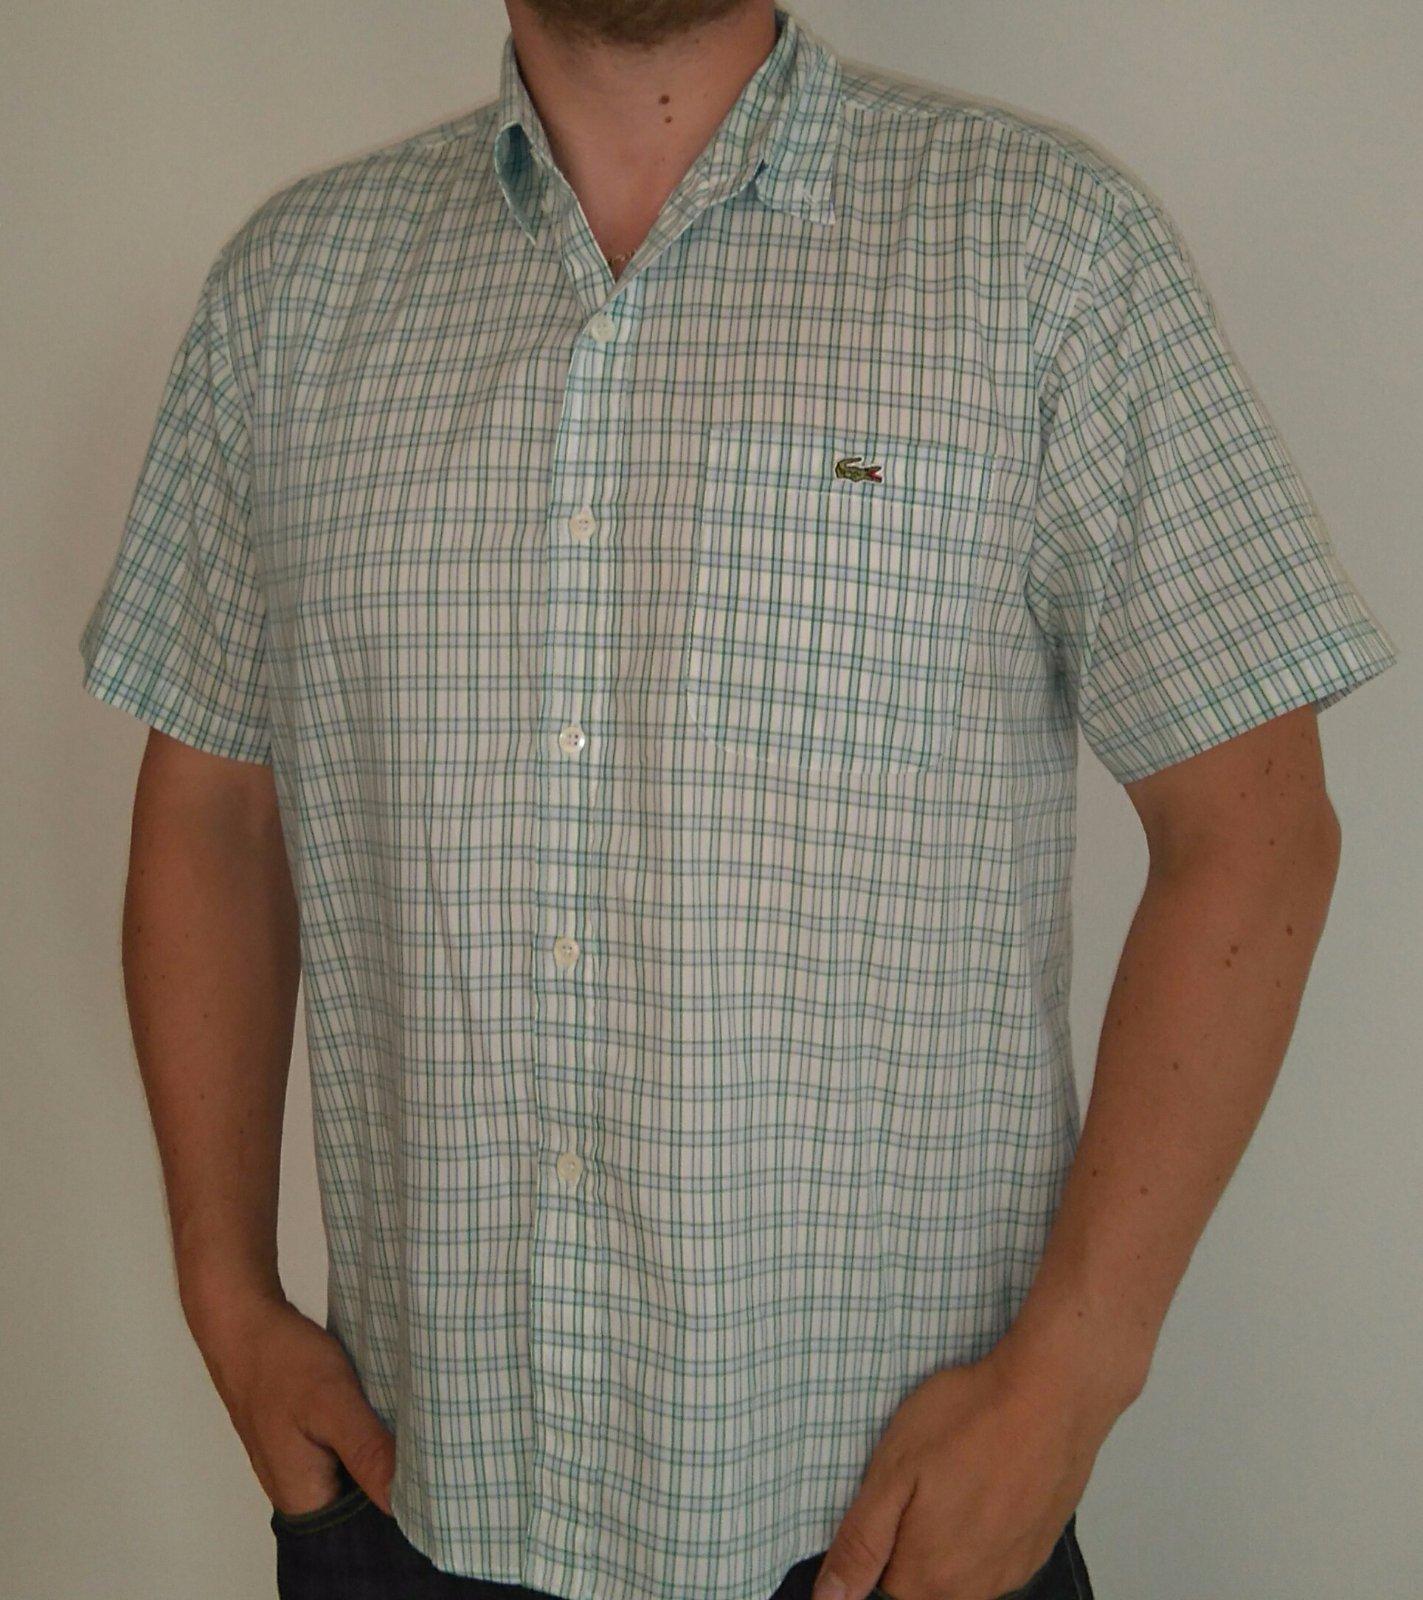 fcc82dcb9e3e Pánska košeľa lacoste